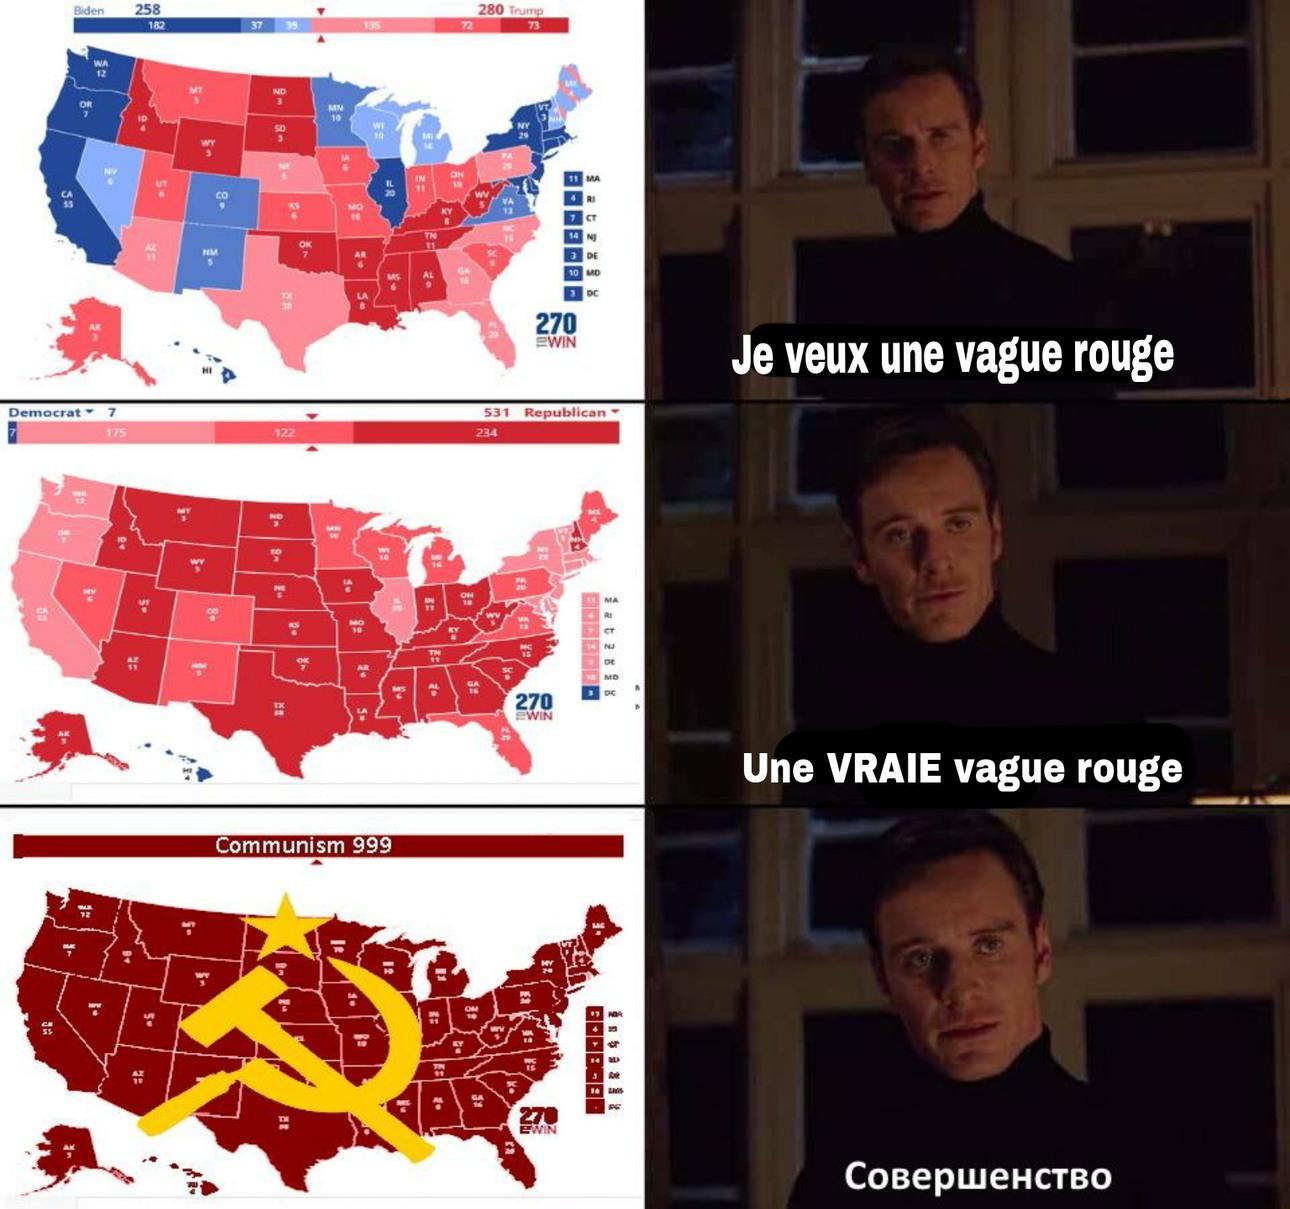 Vague rouge - meme